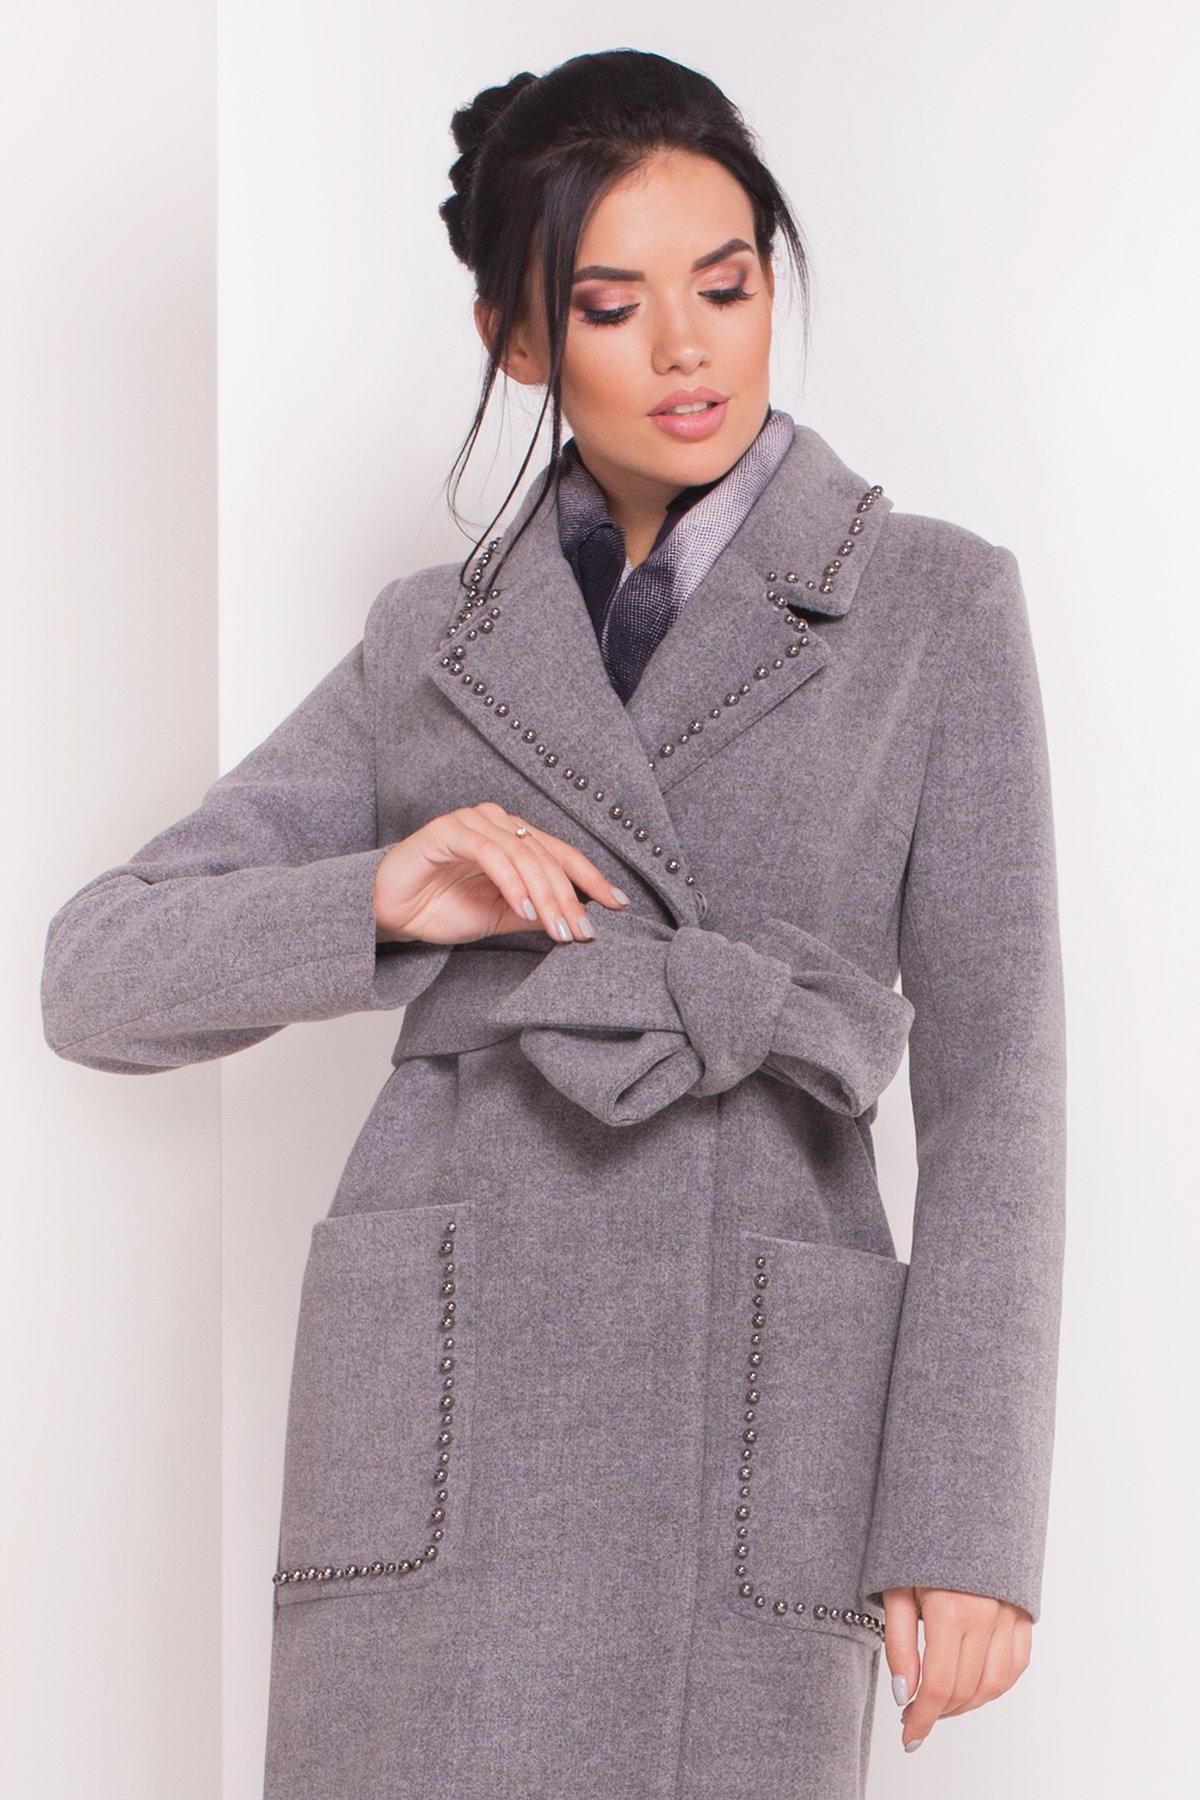 Пальто Кейси 5504 АРТ. 37030 Цвет: Серый 18 - фото 4, интернет магазин tm-modus.ru